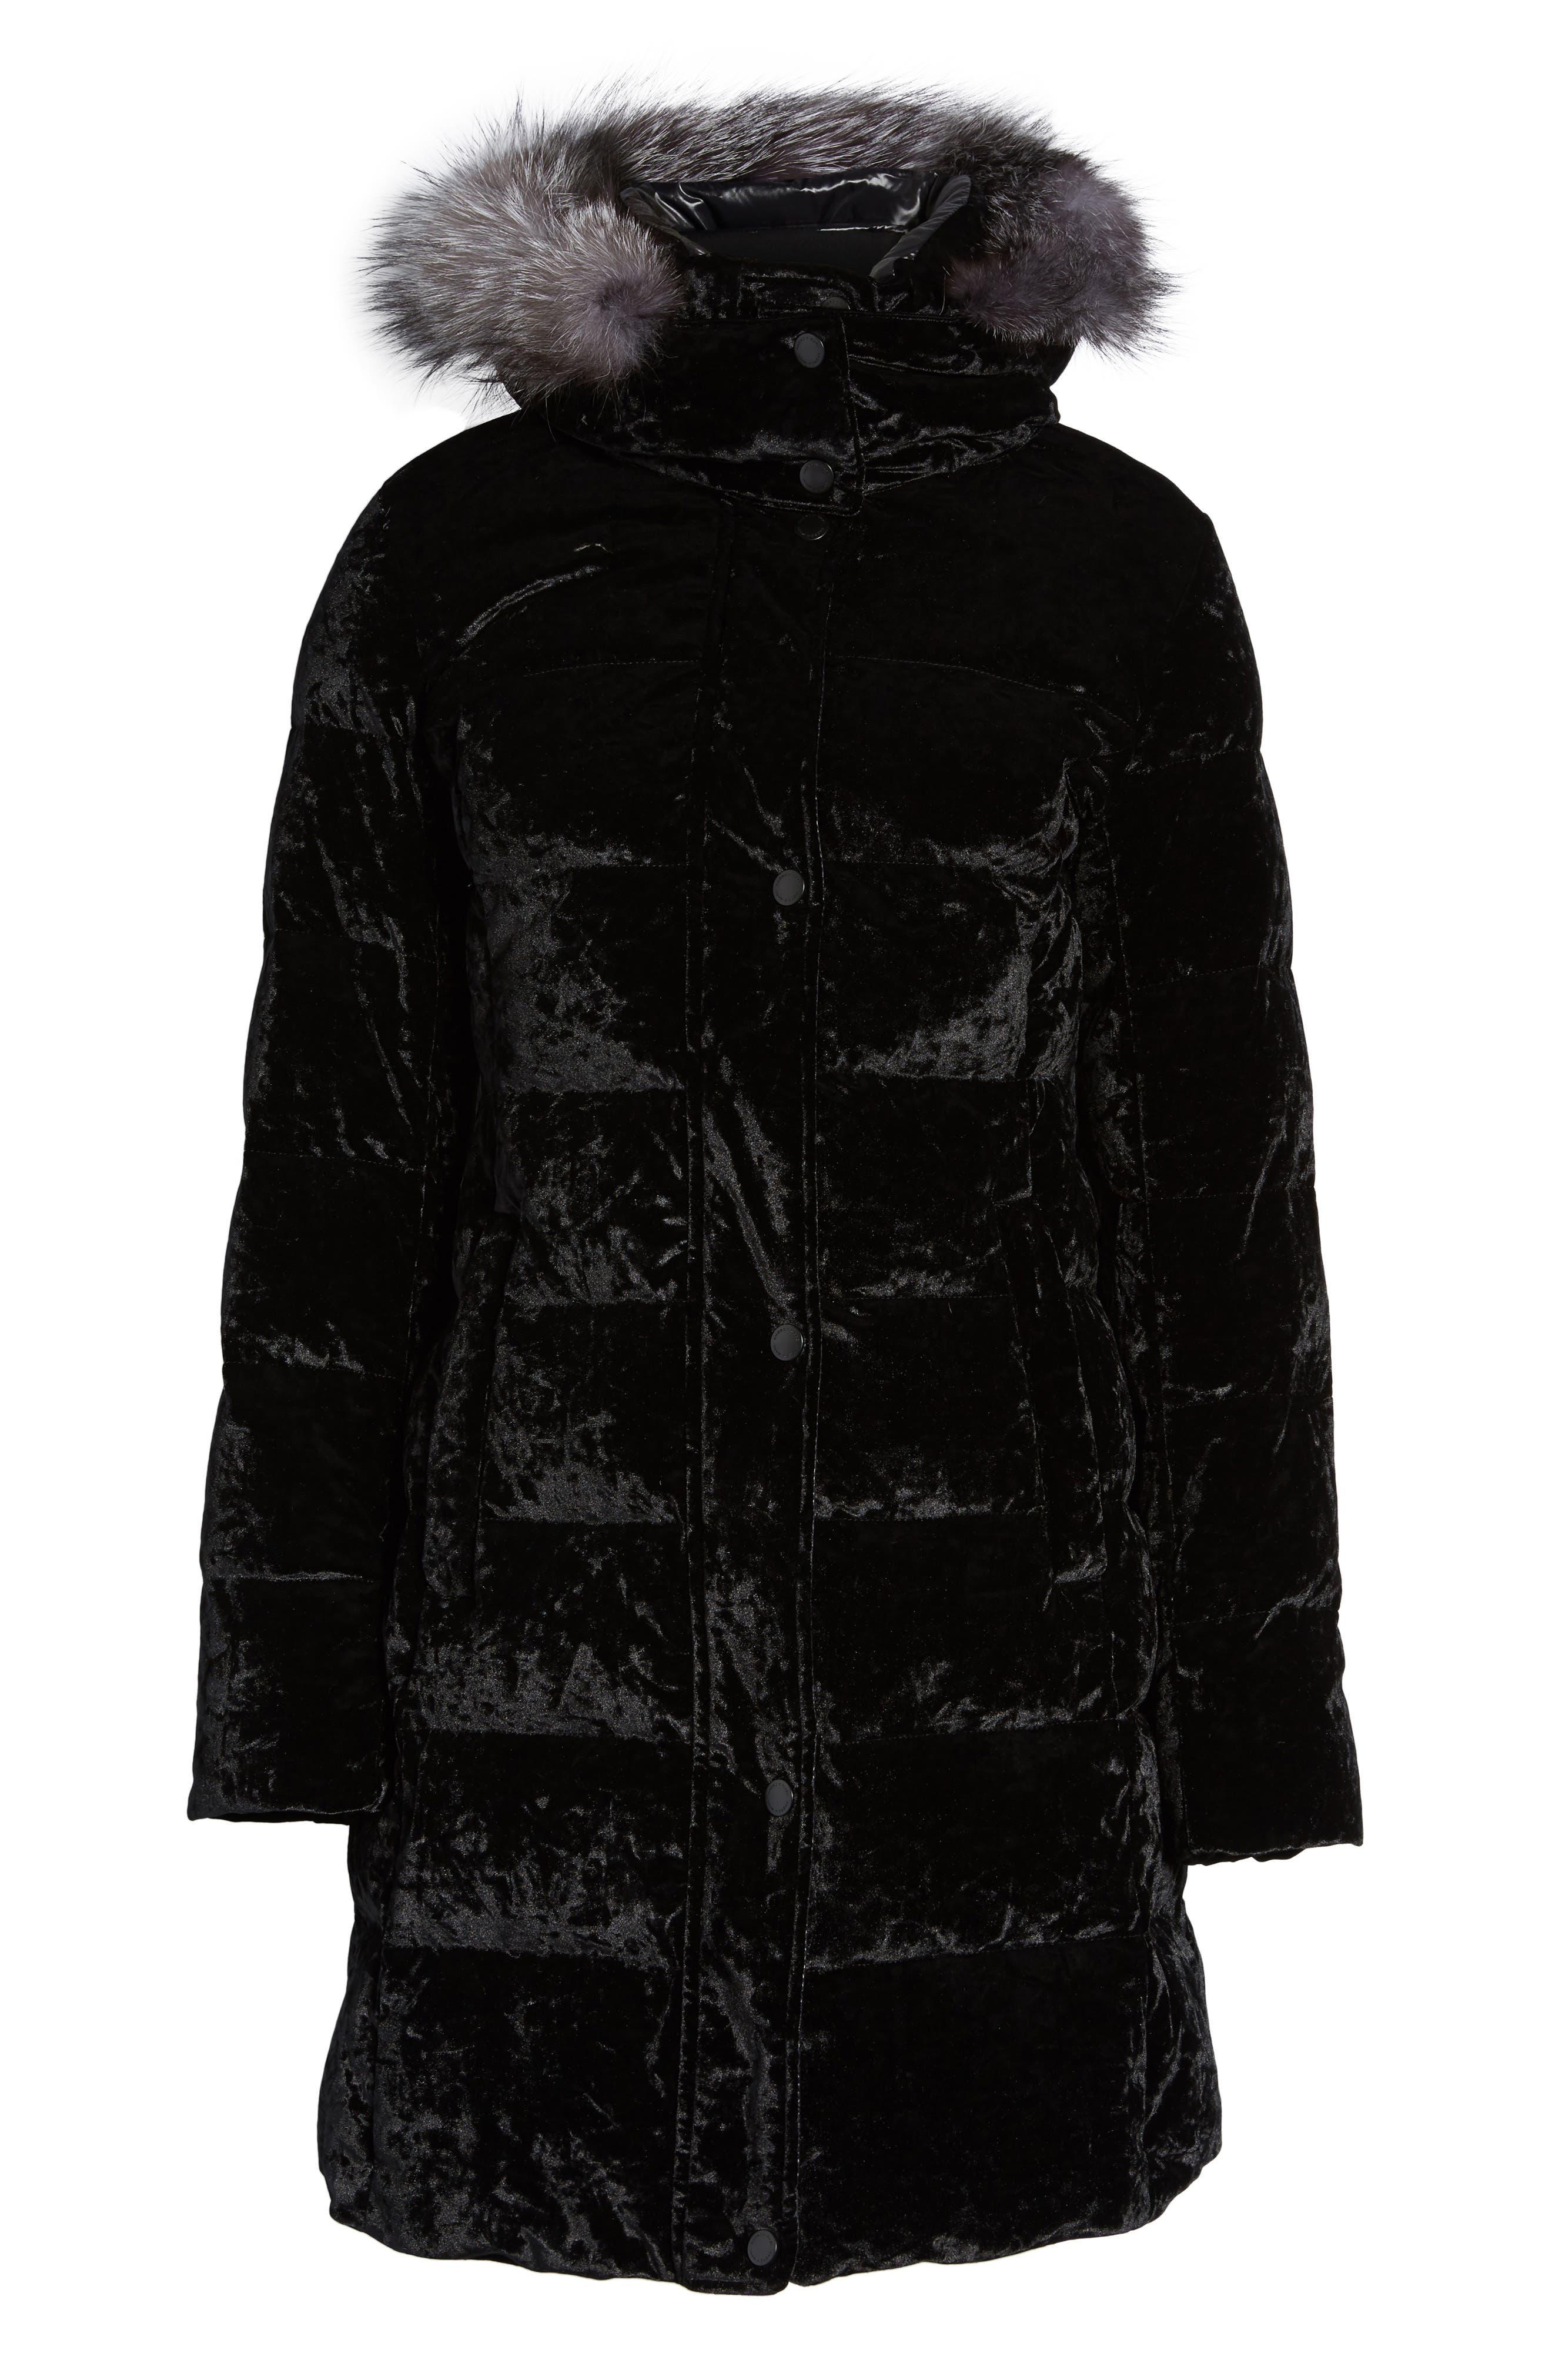 Velvet Down Jacket with Genuine Fox Fur,                             Alternate thumbnail 5, color,                             001